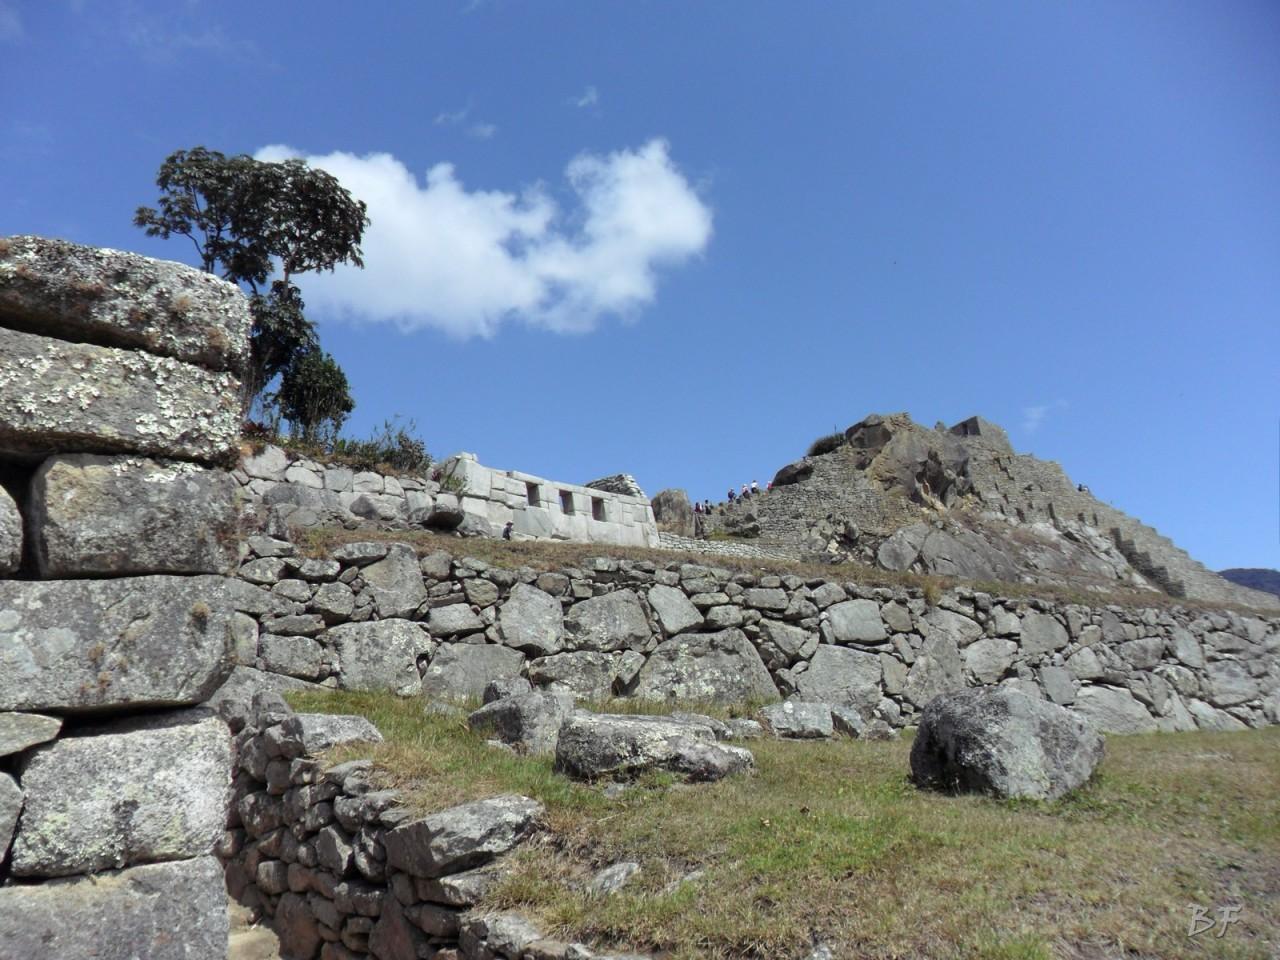 Mura-Poligonali-Incisioni-Altari-Edifici-Rupestri-Megaliti-Machu-Picchu-Aguas-Calientes-Urubamba-Cusco-Perù-40